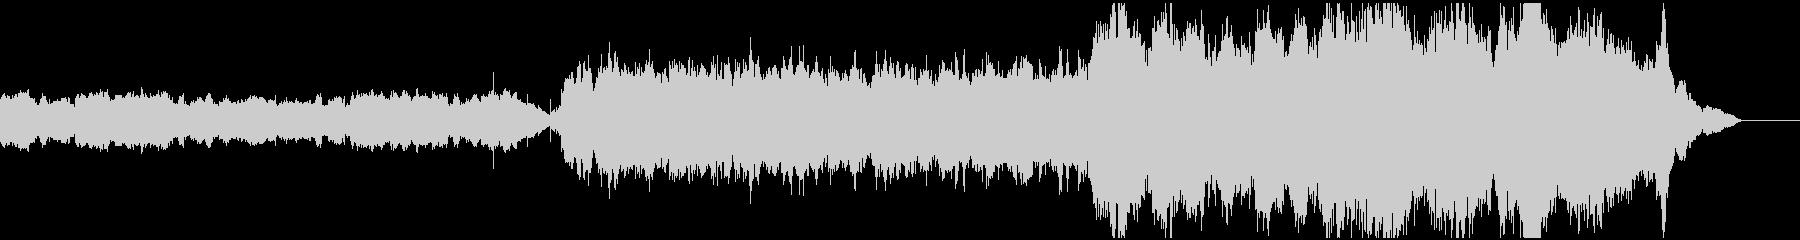 バグパイプとオーケストラのアメイジングの未再生の波形